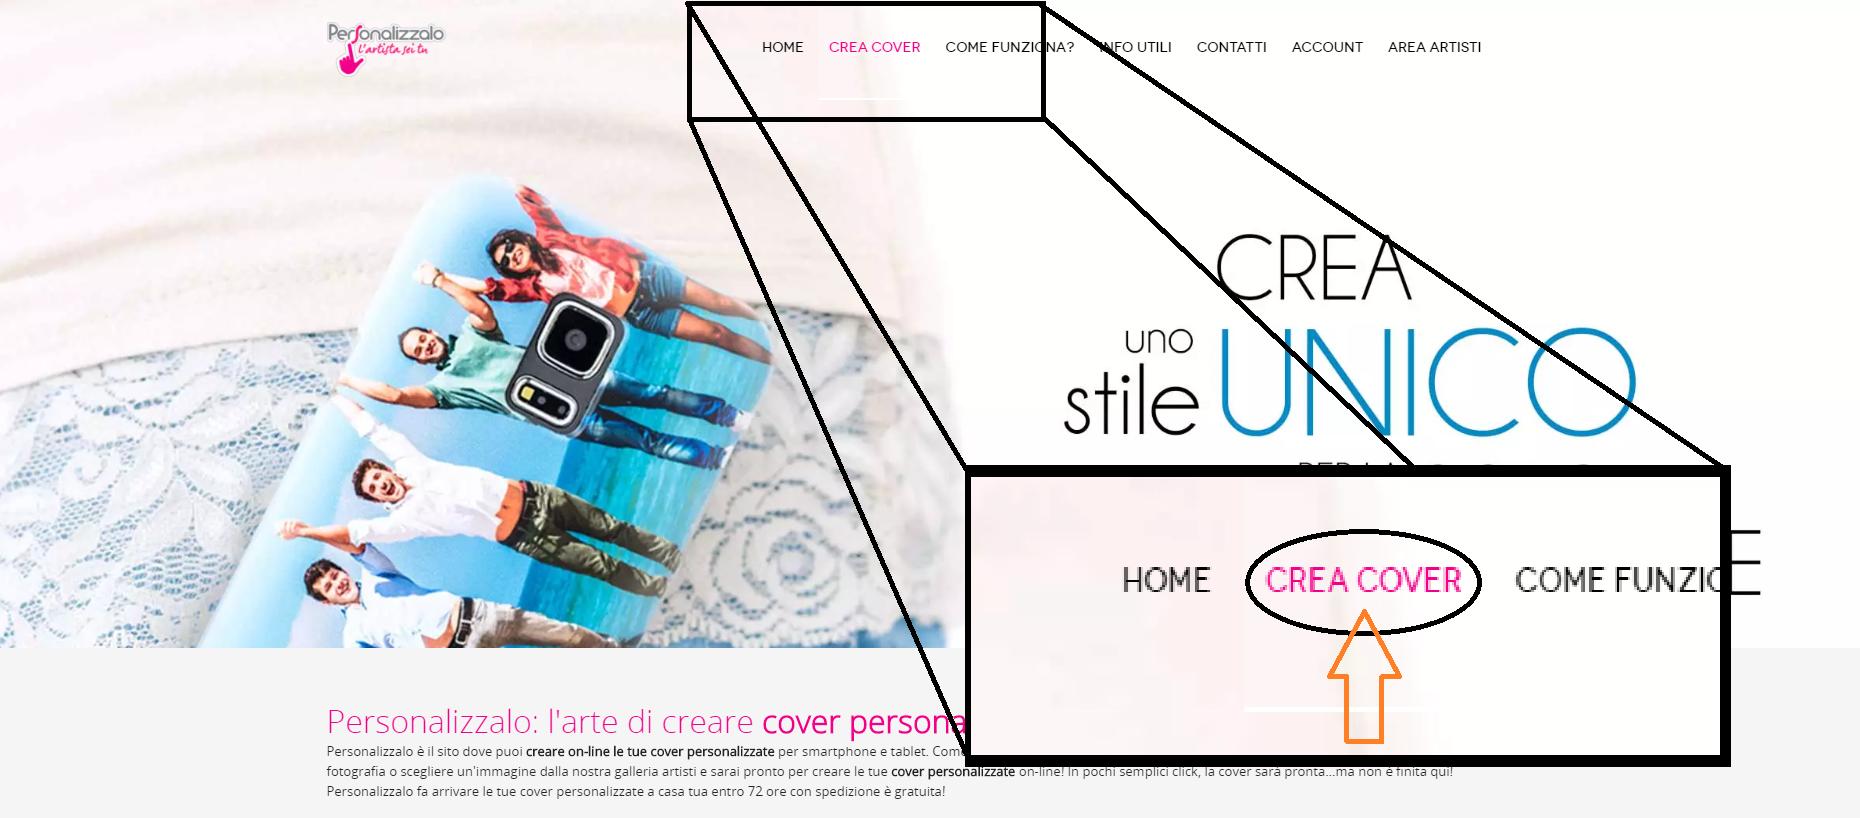 Personalizzalo: L'arte di creare cover personalizzate